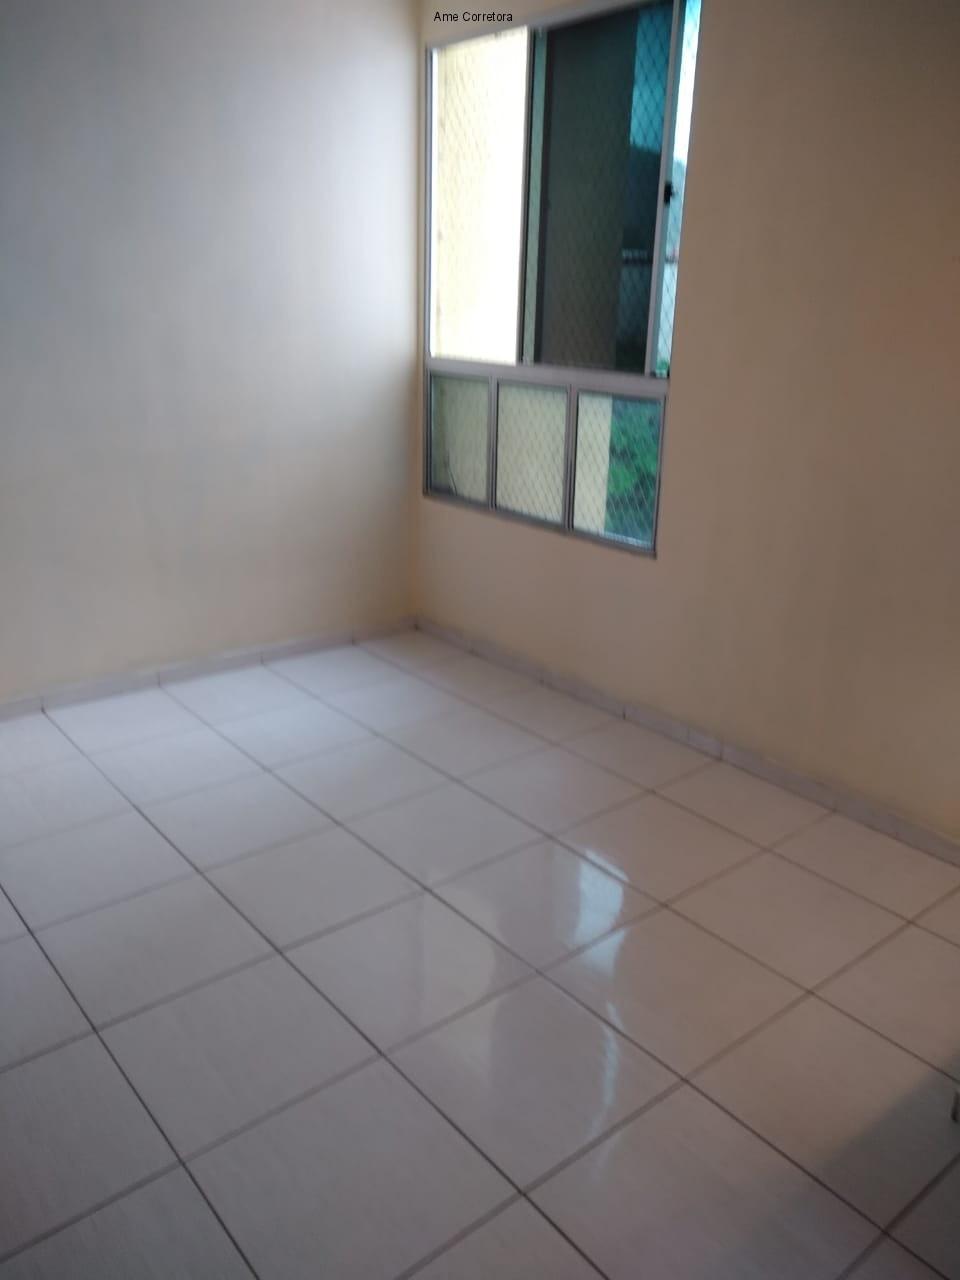 FOTO 05 - Apartamento 2 quartos para alugar Santíssimo, Rio de Janeiro - R$ 885 - AP00405 - 6